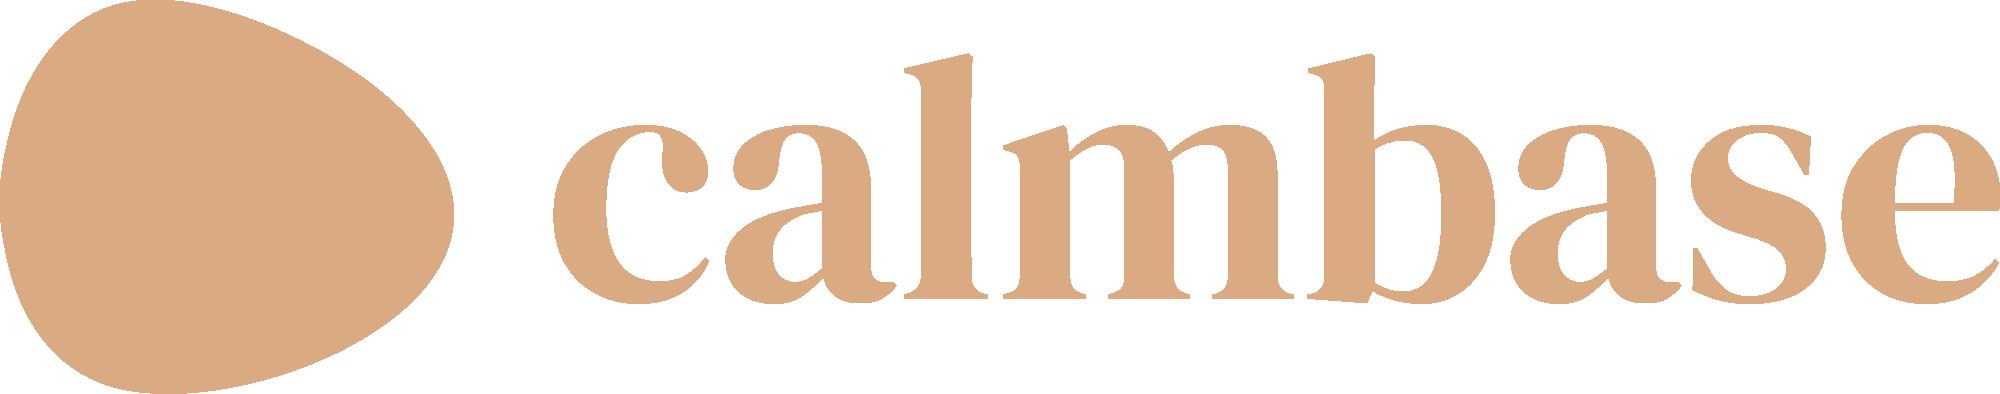 calmbase